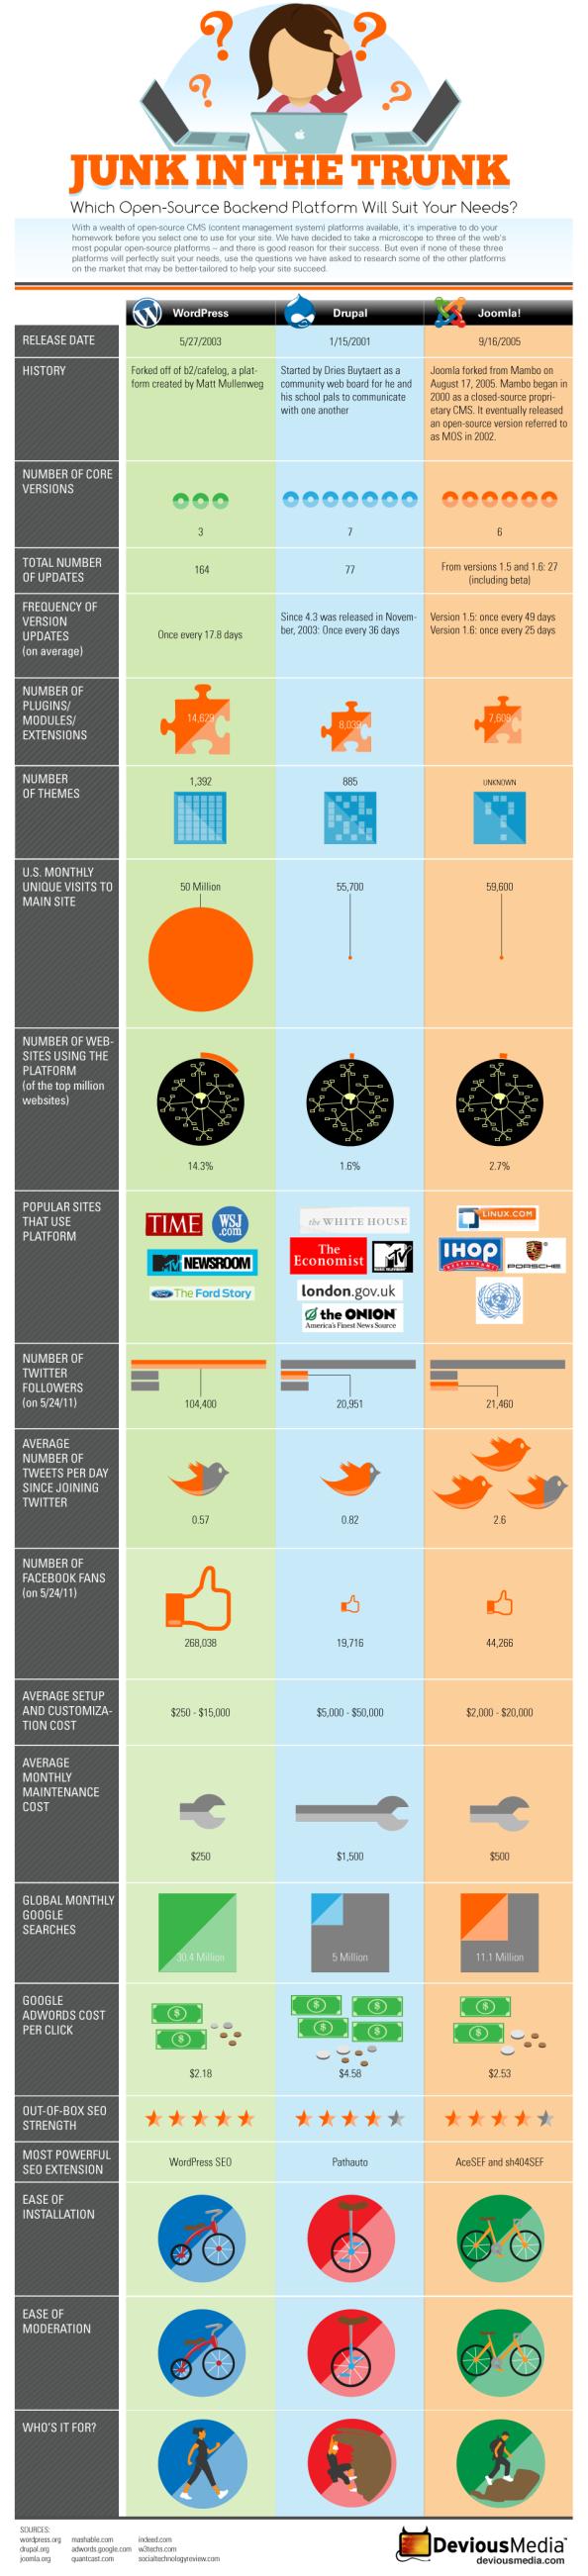 Infografía: Comparativa WordPress, Drupal y Joomla